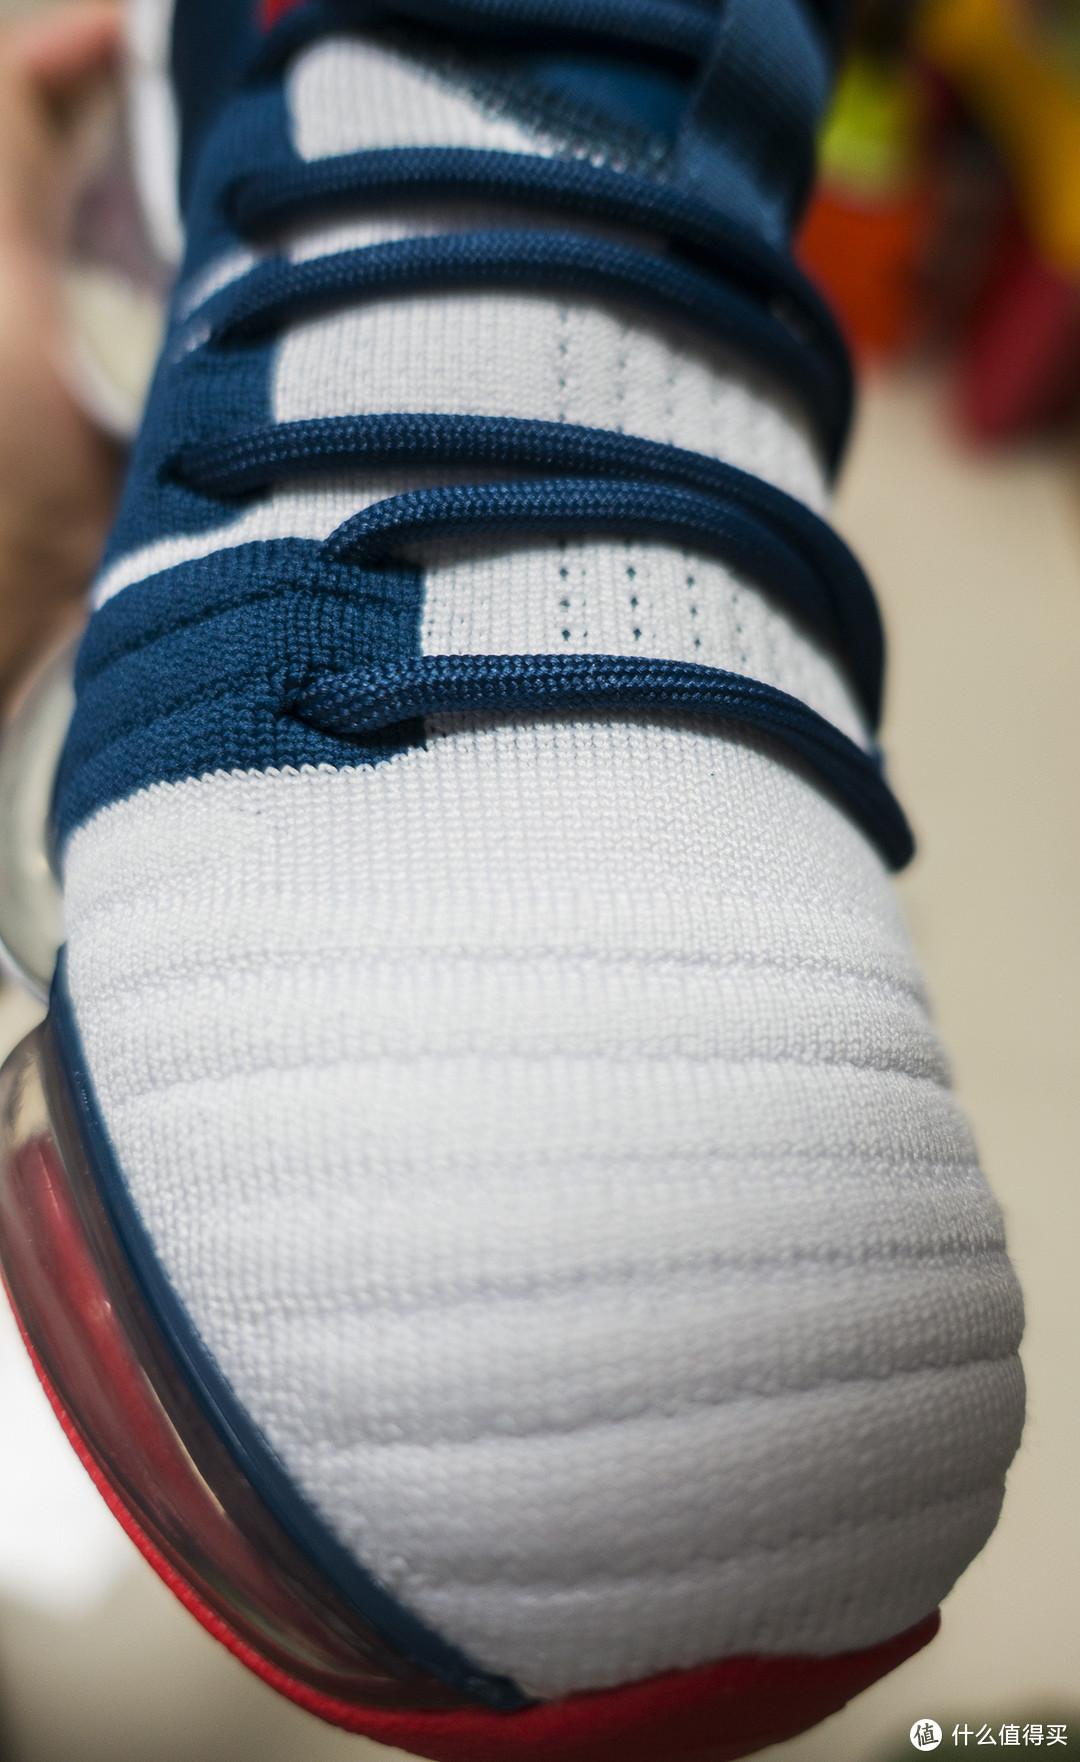 漫威死忠粉的战靴-安踏漫威联名运动鞋开箱